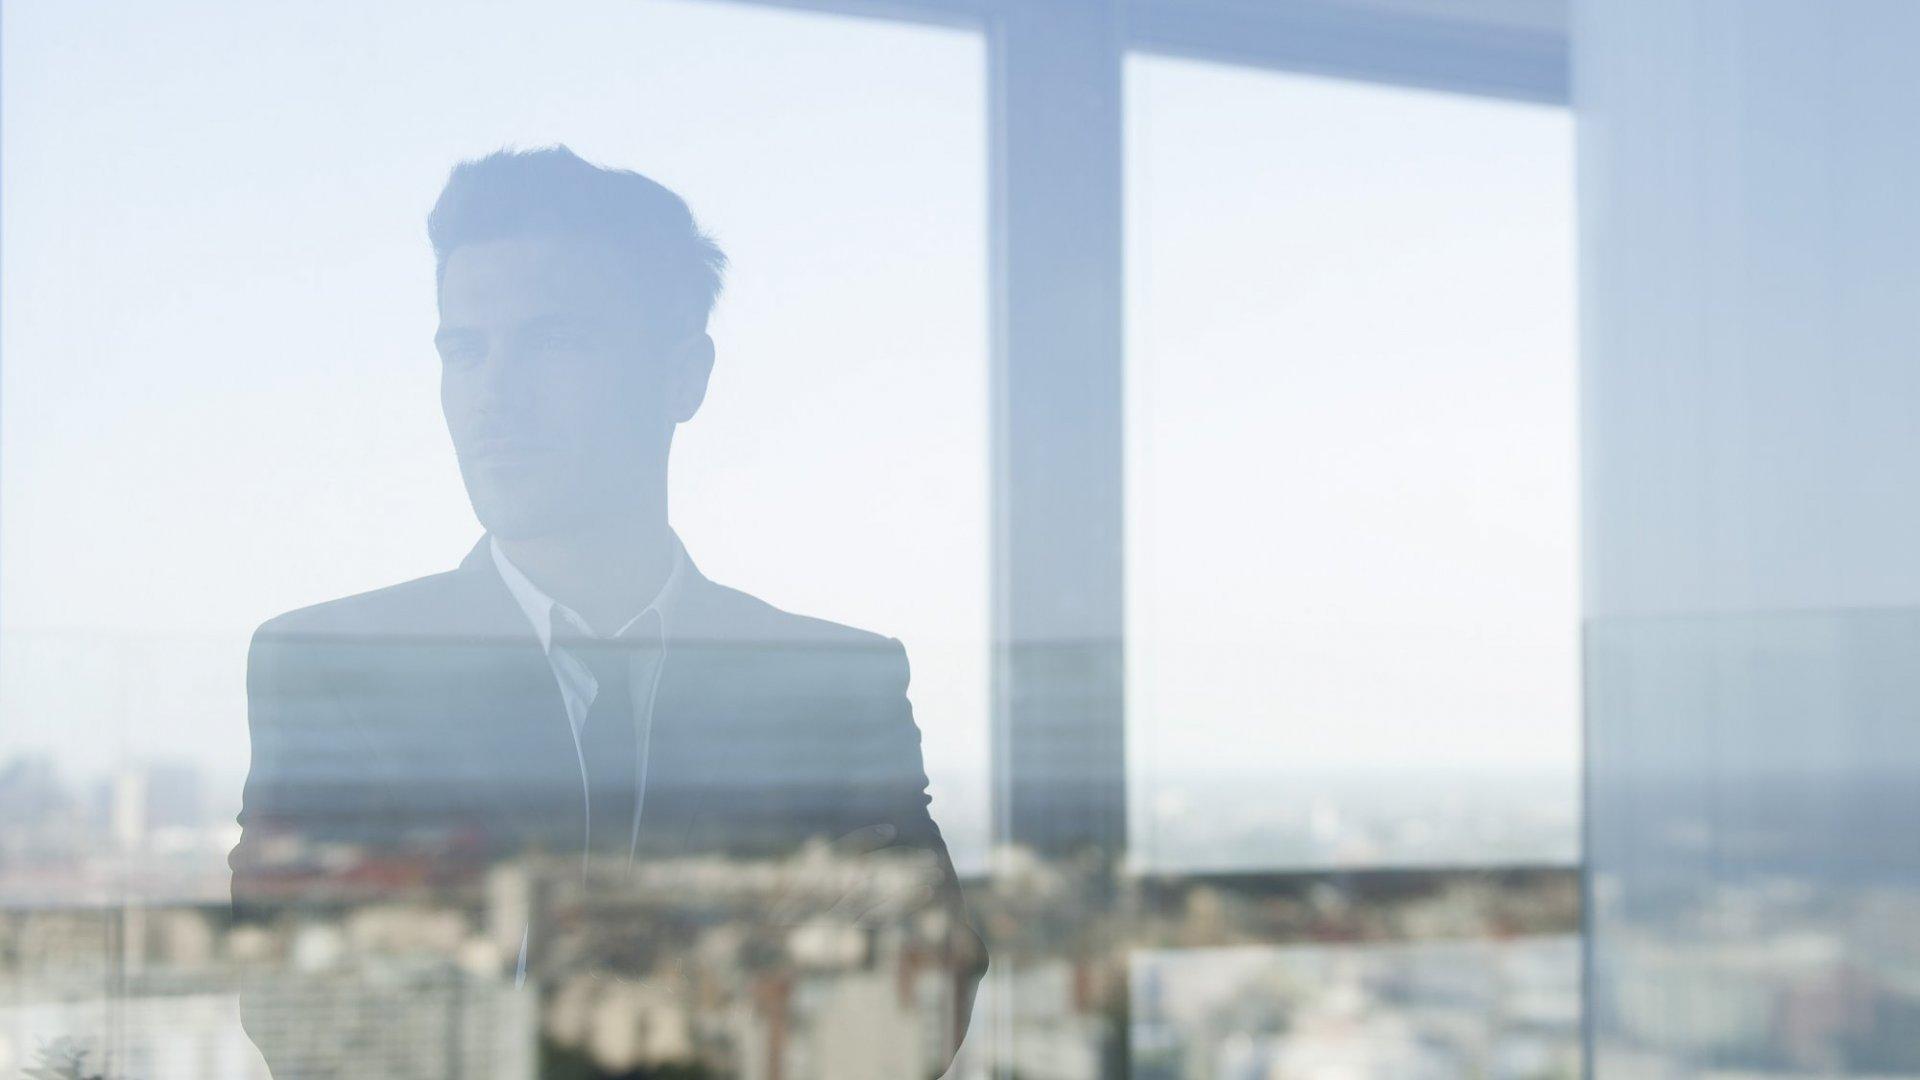 Entrepreneurs Can't Go Through Life Stone-faced